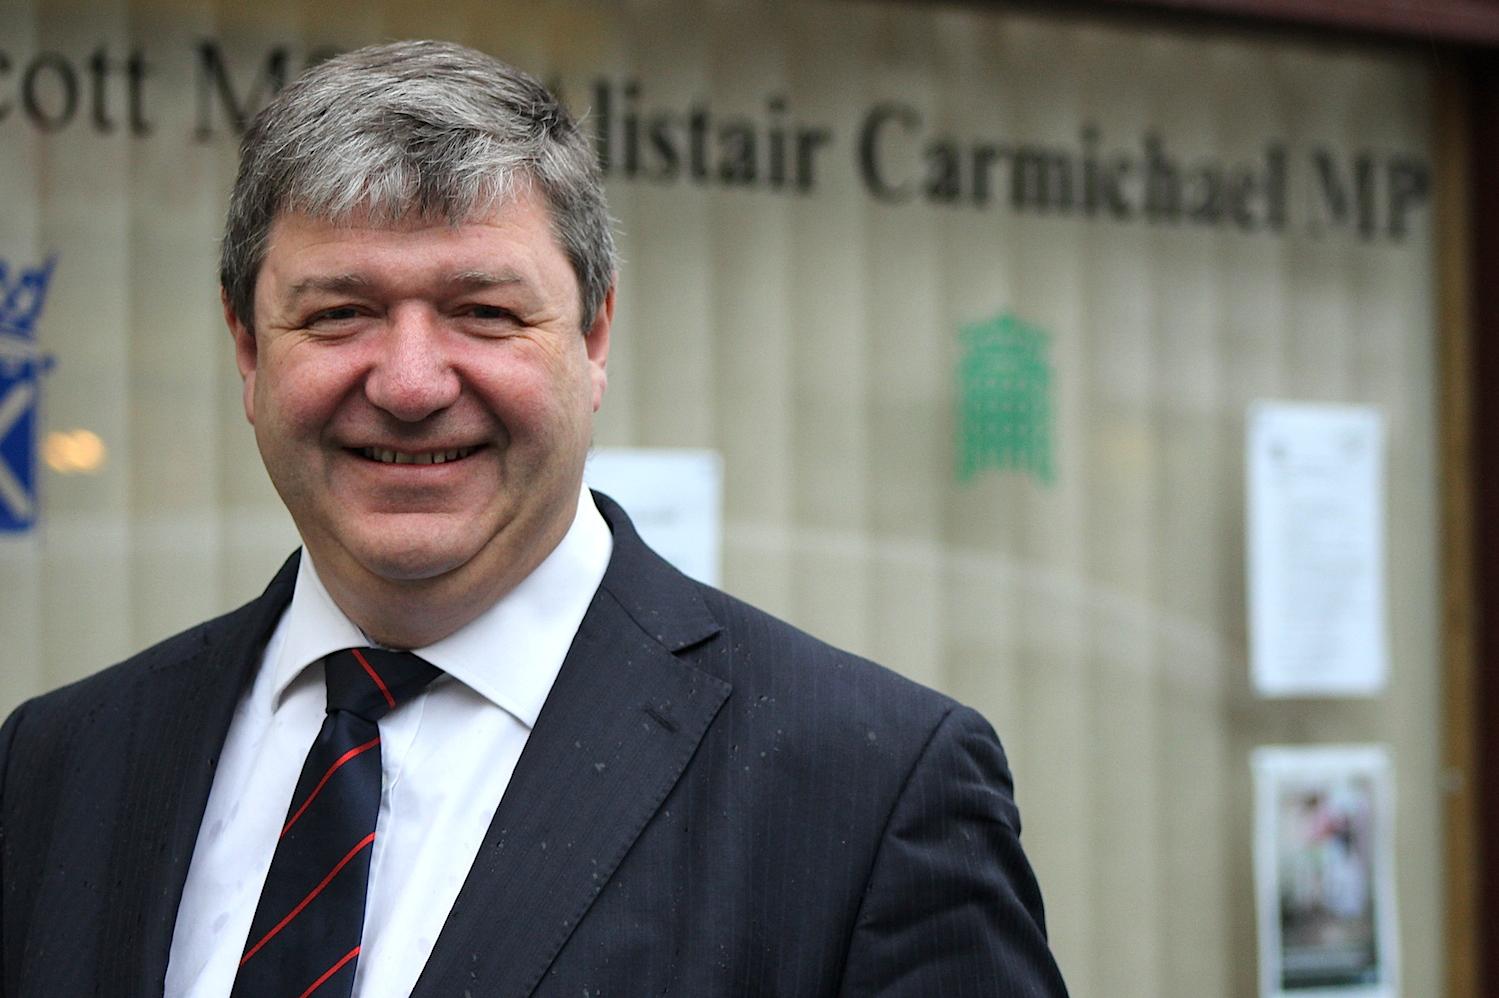 Carmichael raises Co-op concerns in parliament